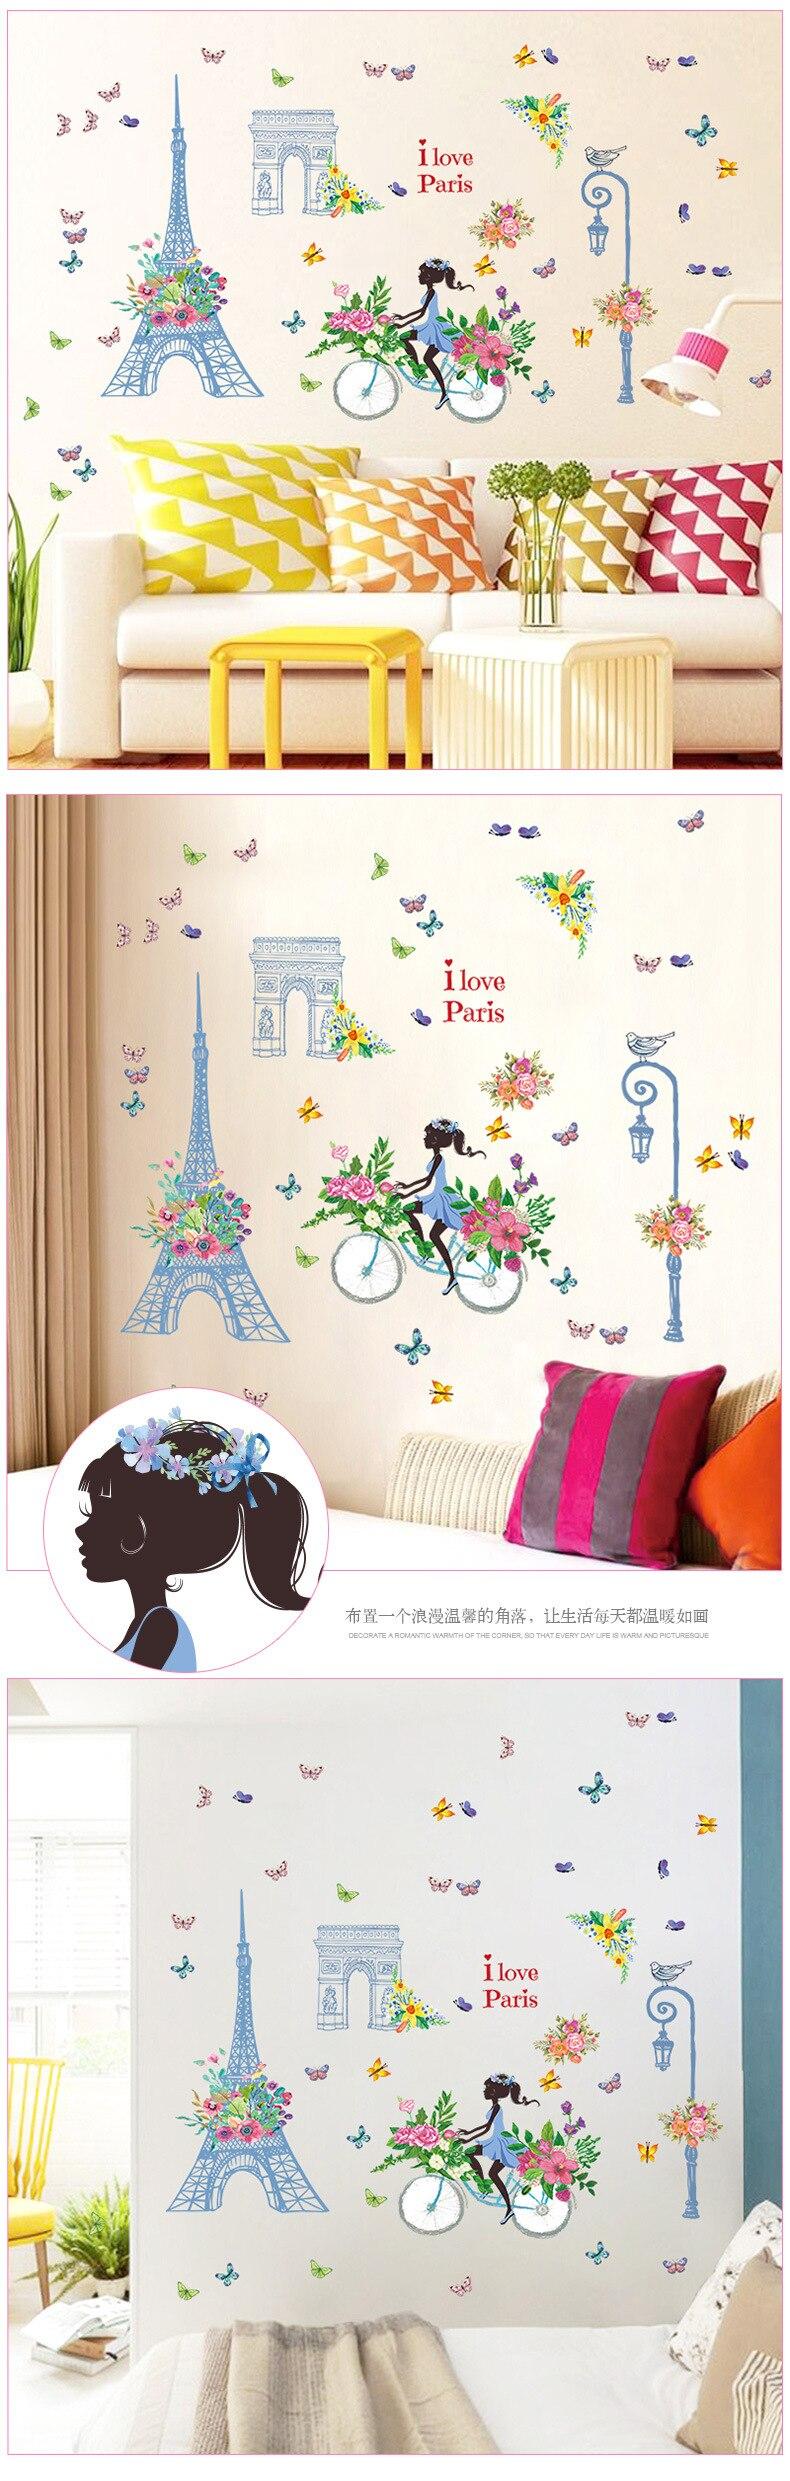 Синяя башня велосипедная девушка Наклейка на стену романтическая